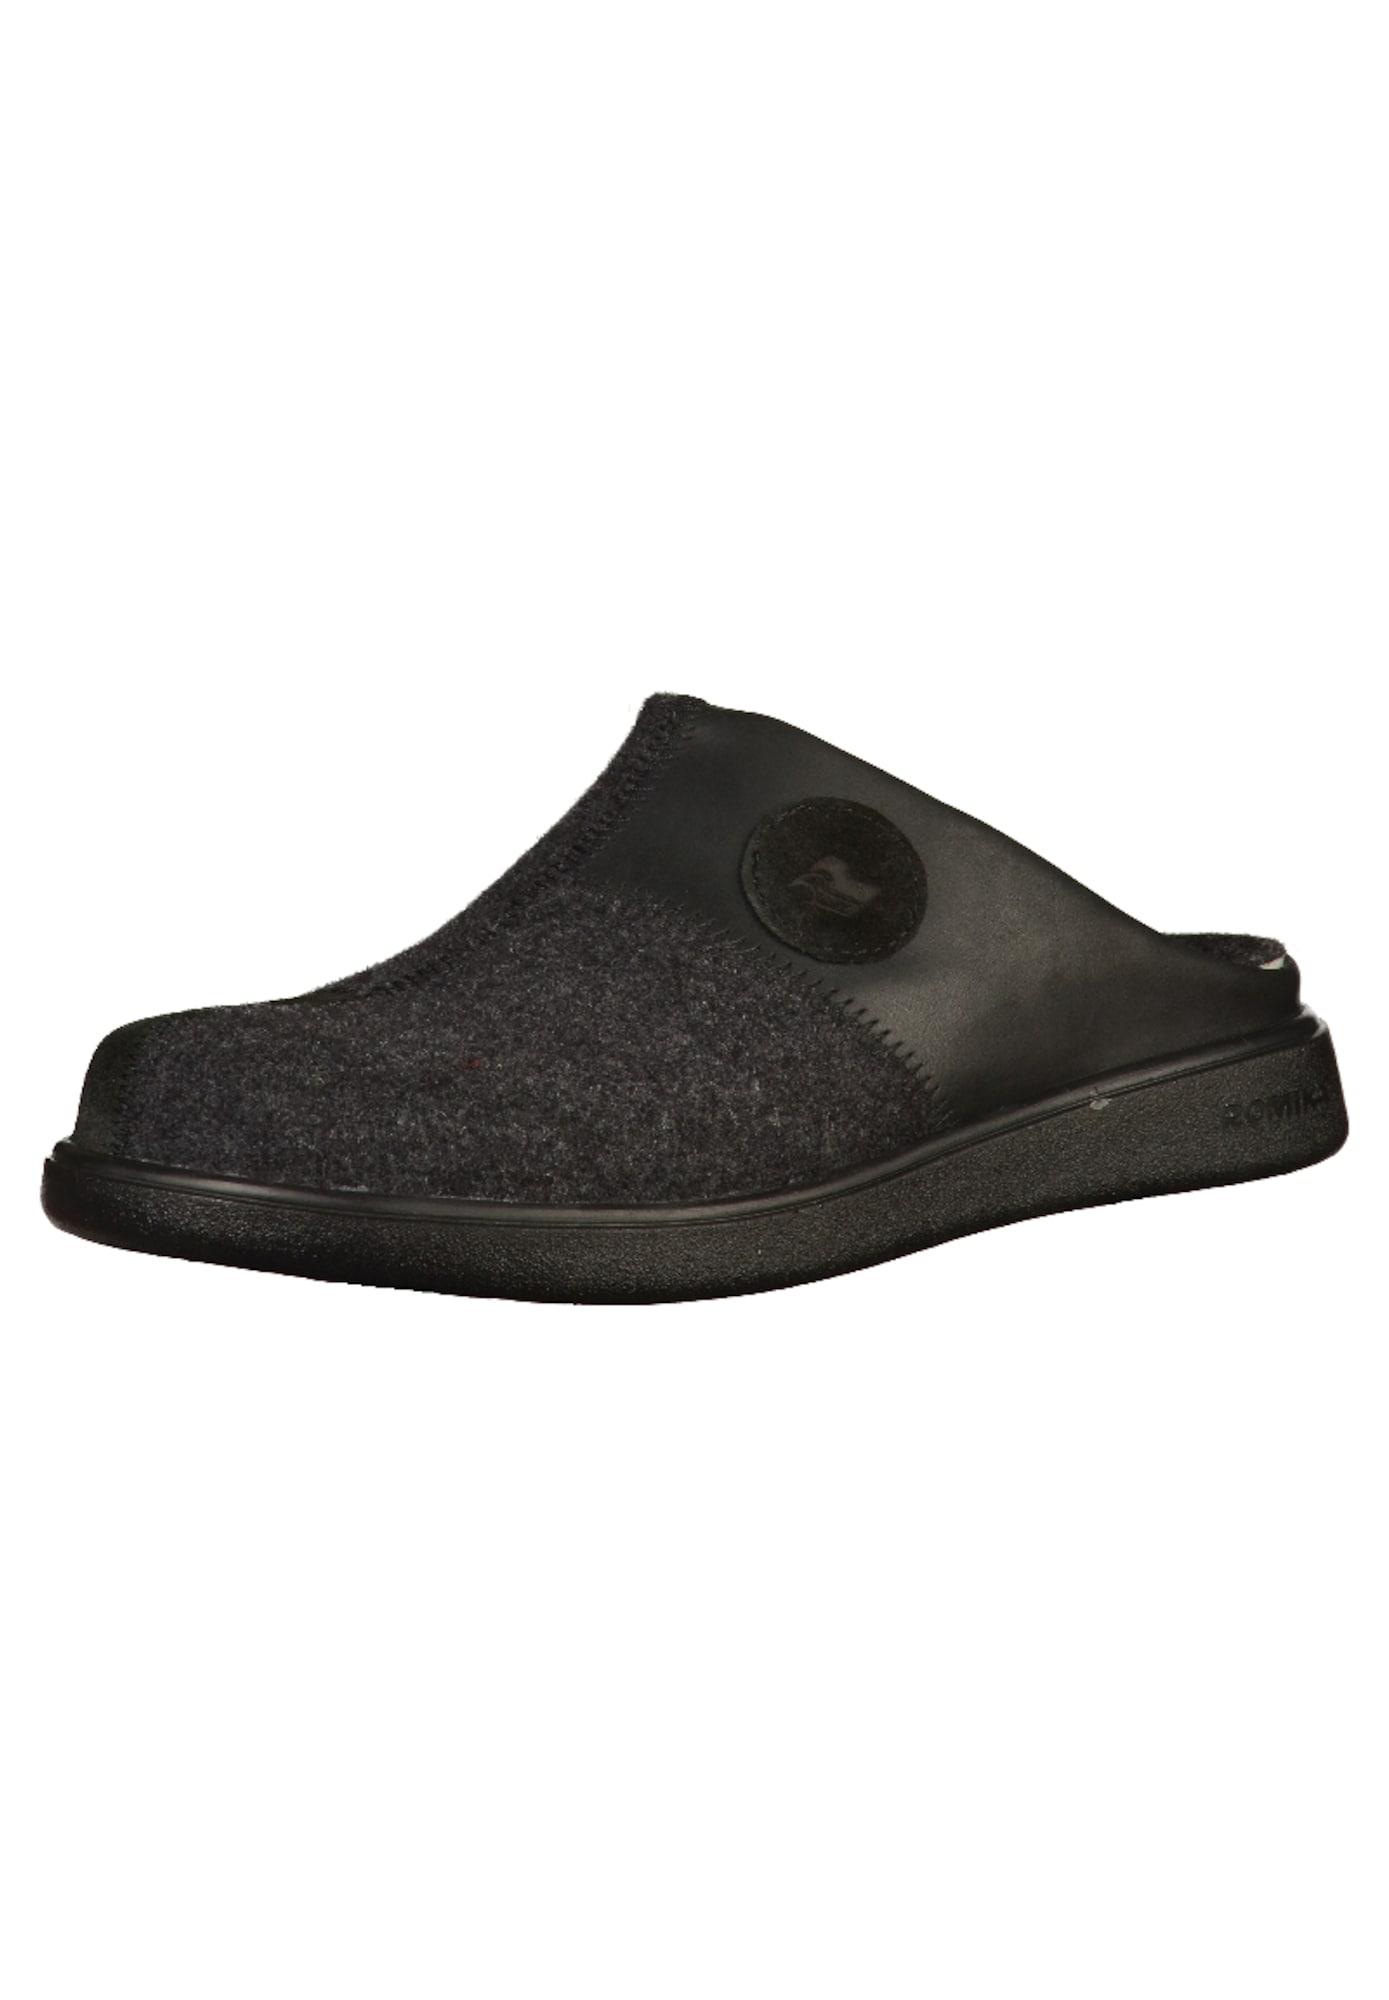 Hausschuhe | Schuhe > Hausschuhe | ROMIKA